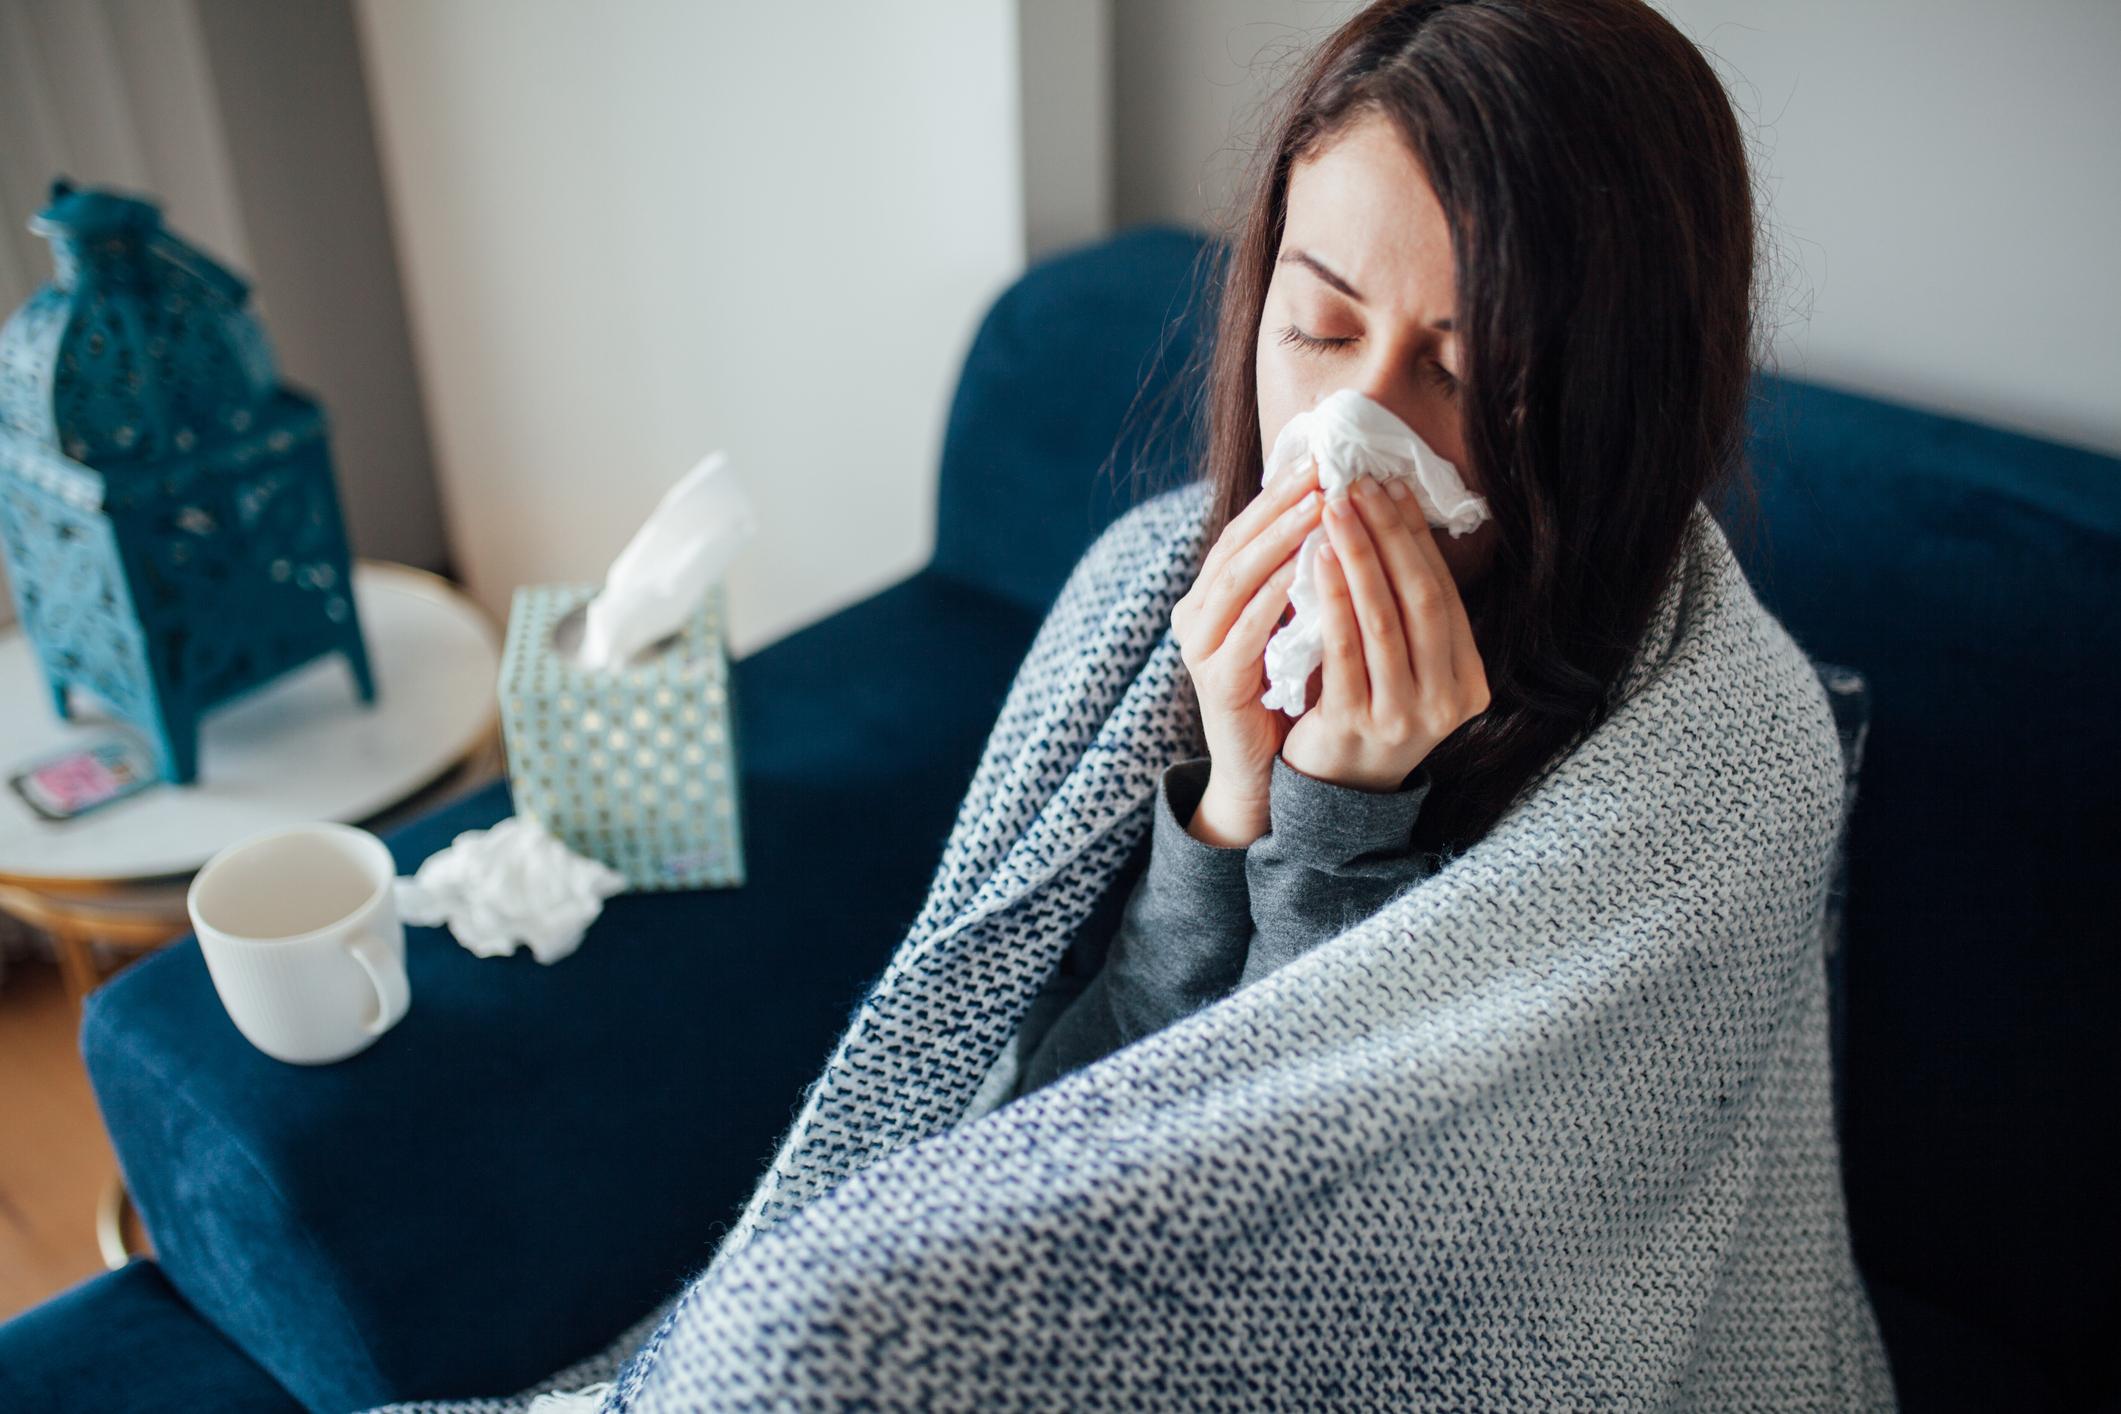 Akutne respiratorne infekcije, odnosno akutne upalne bolesti dišnoga sustava najčešće su infekcije suvremenog čovjeka jer čine dvije trećine svih infekcija.